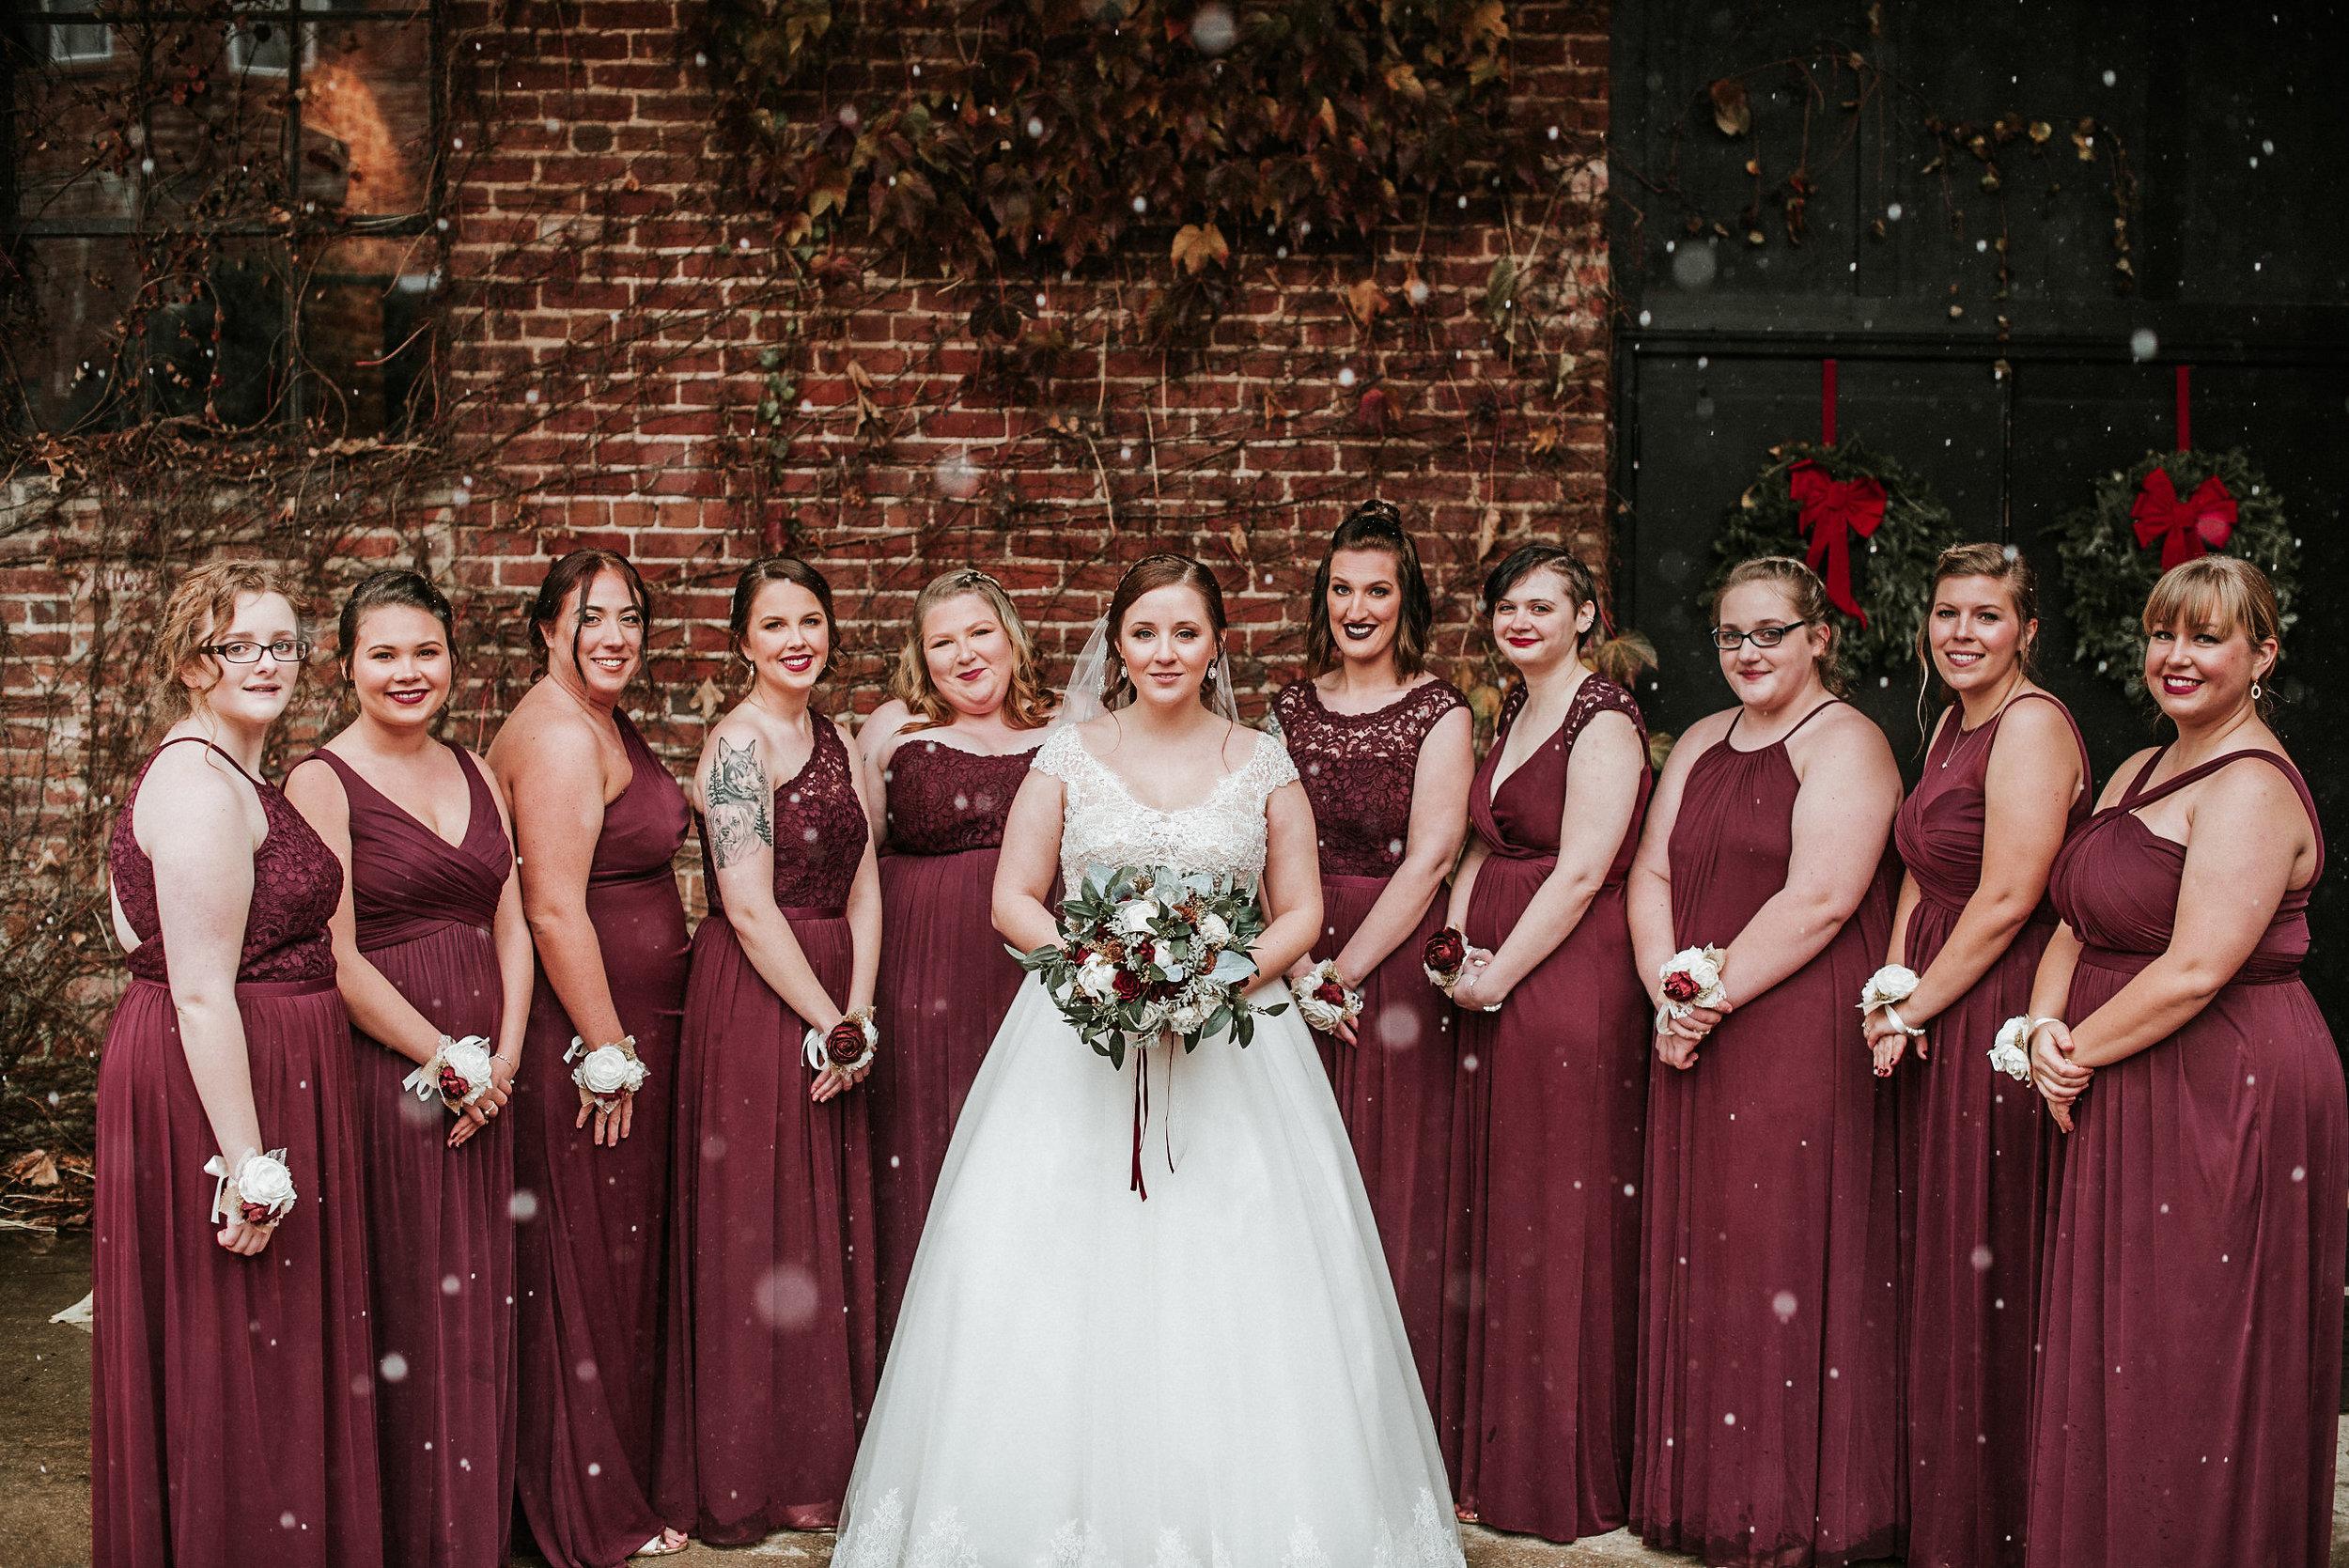 Bride and bridesmaids in snow